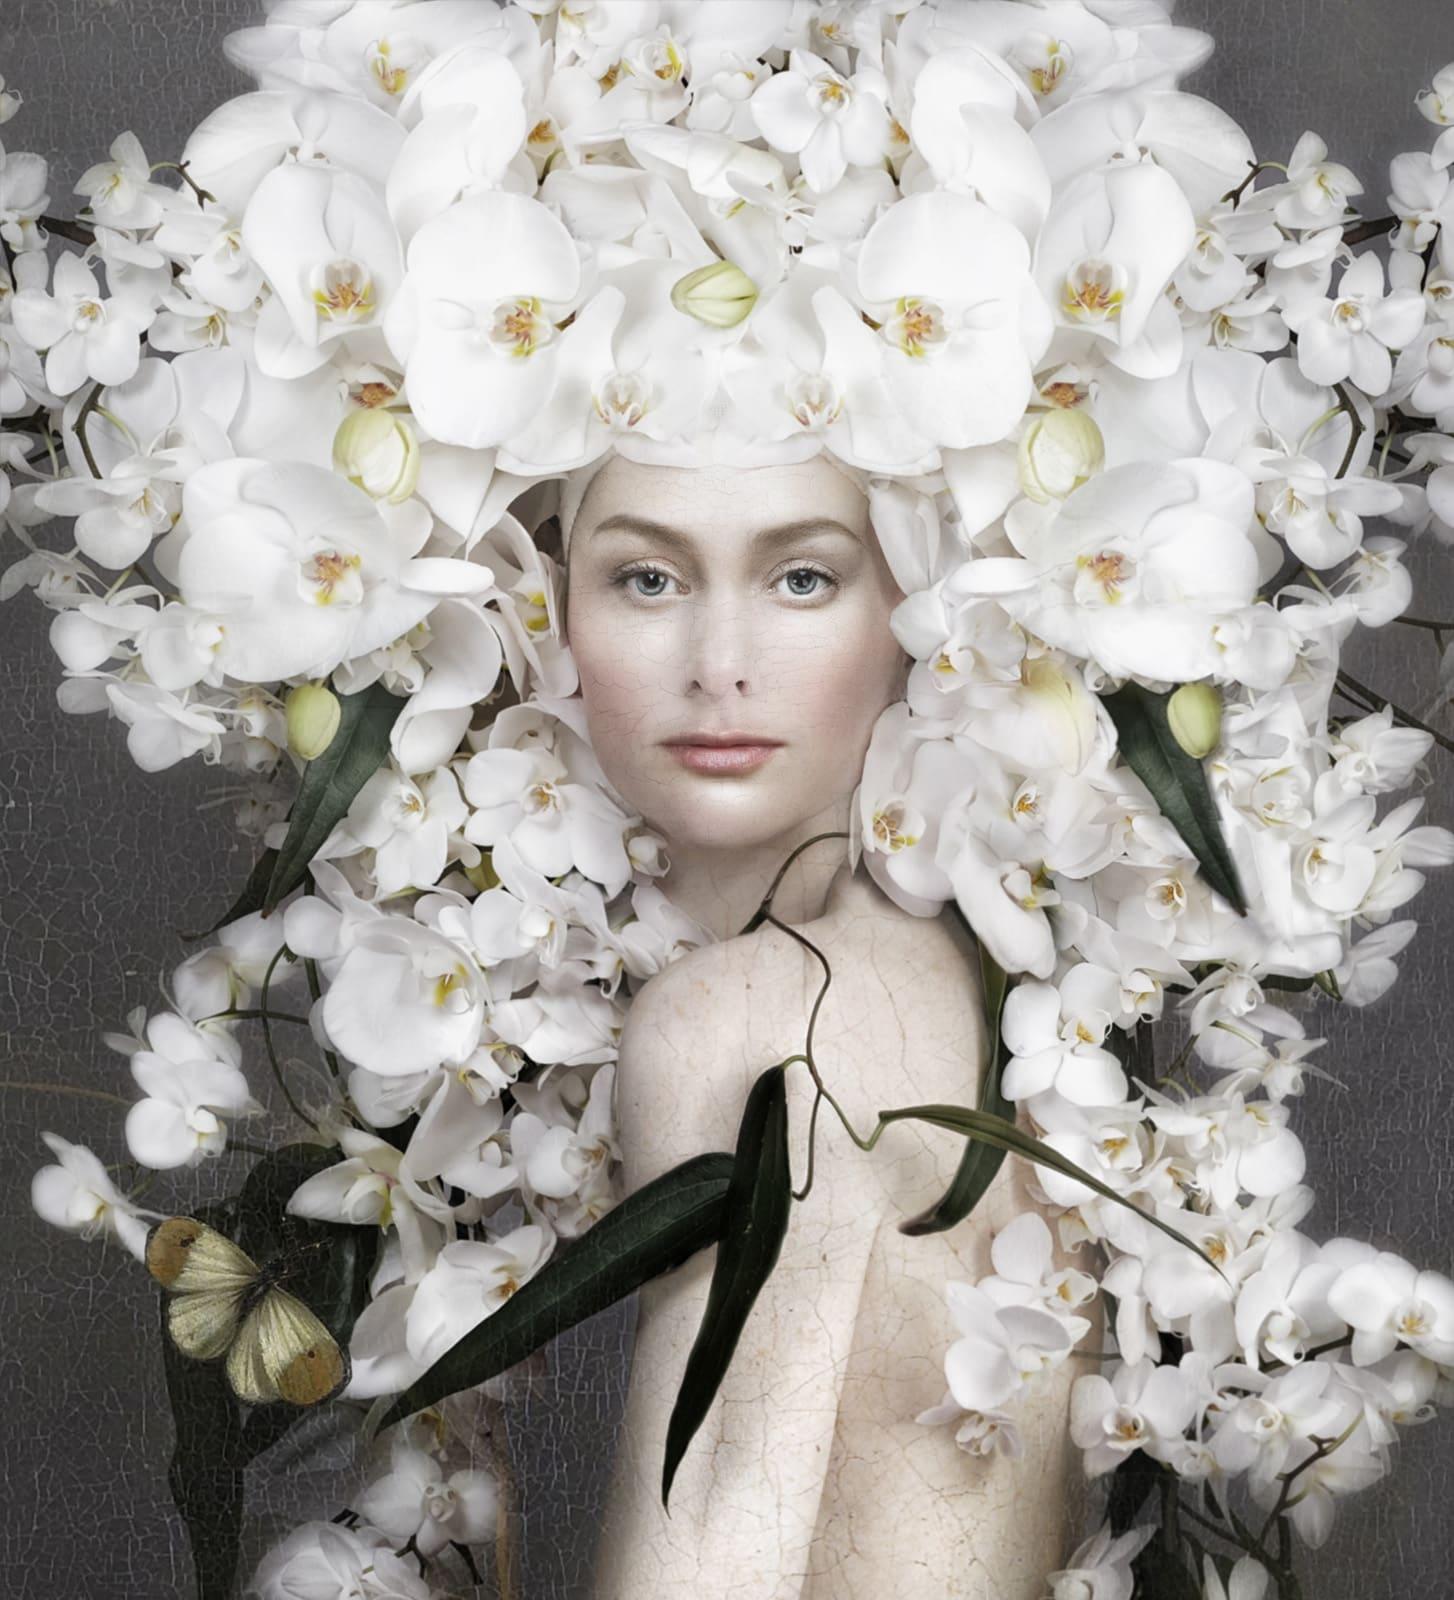 Isabelle van Zeijl, Rebirth Portrait, 2020